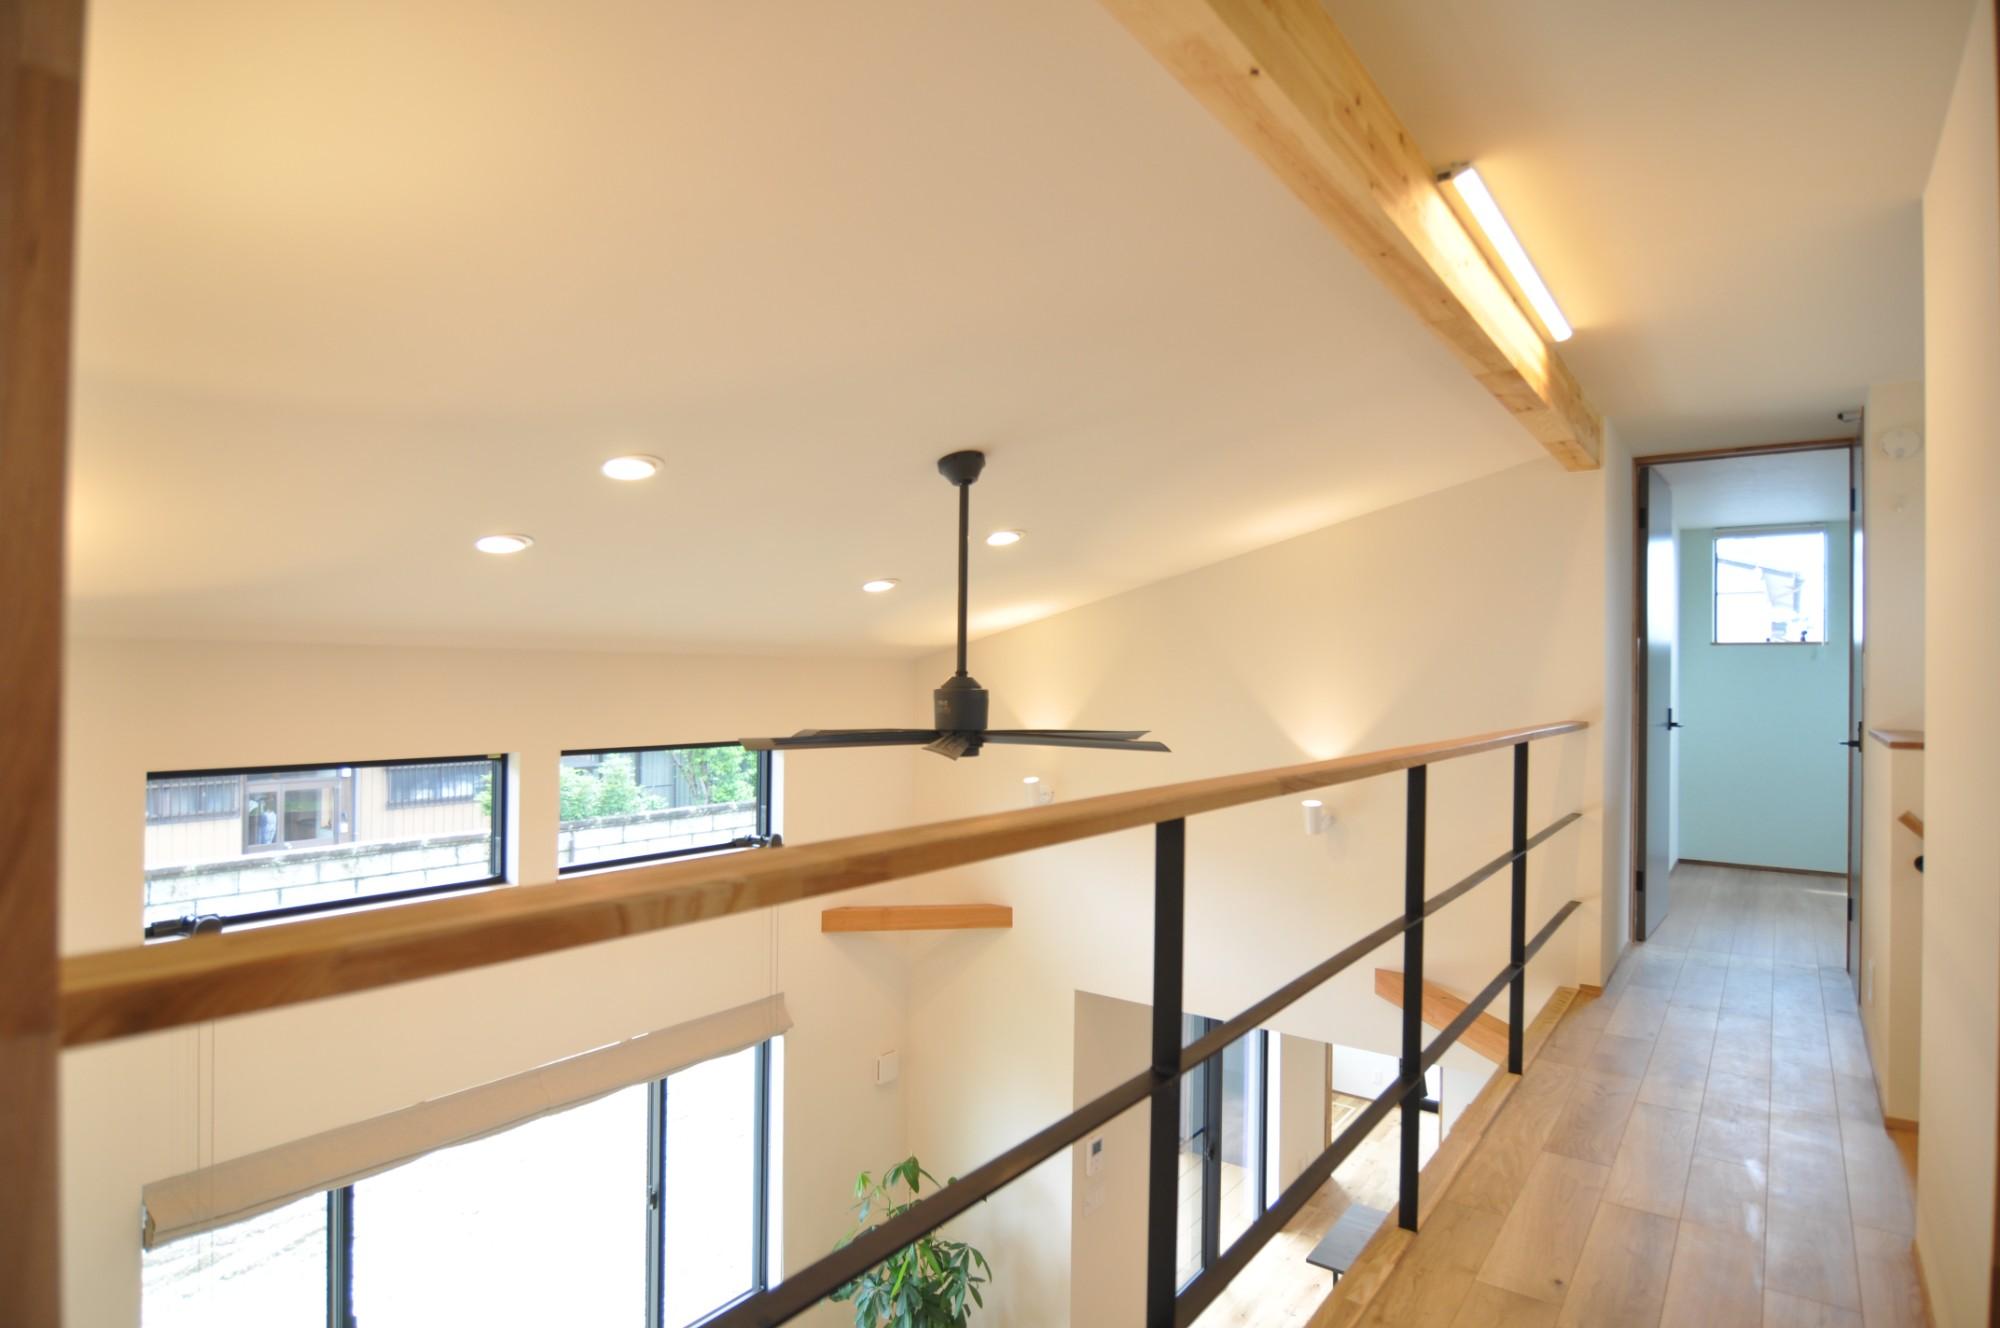 有限会社 市川建築店 1級建築士事務所「オーク床とエッグウォールの調湿住宅(認定低炭素住宅)」のシンプル・ナチュラルなロフト・中二階の実例写真